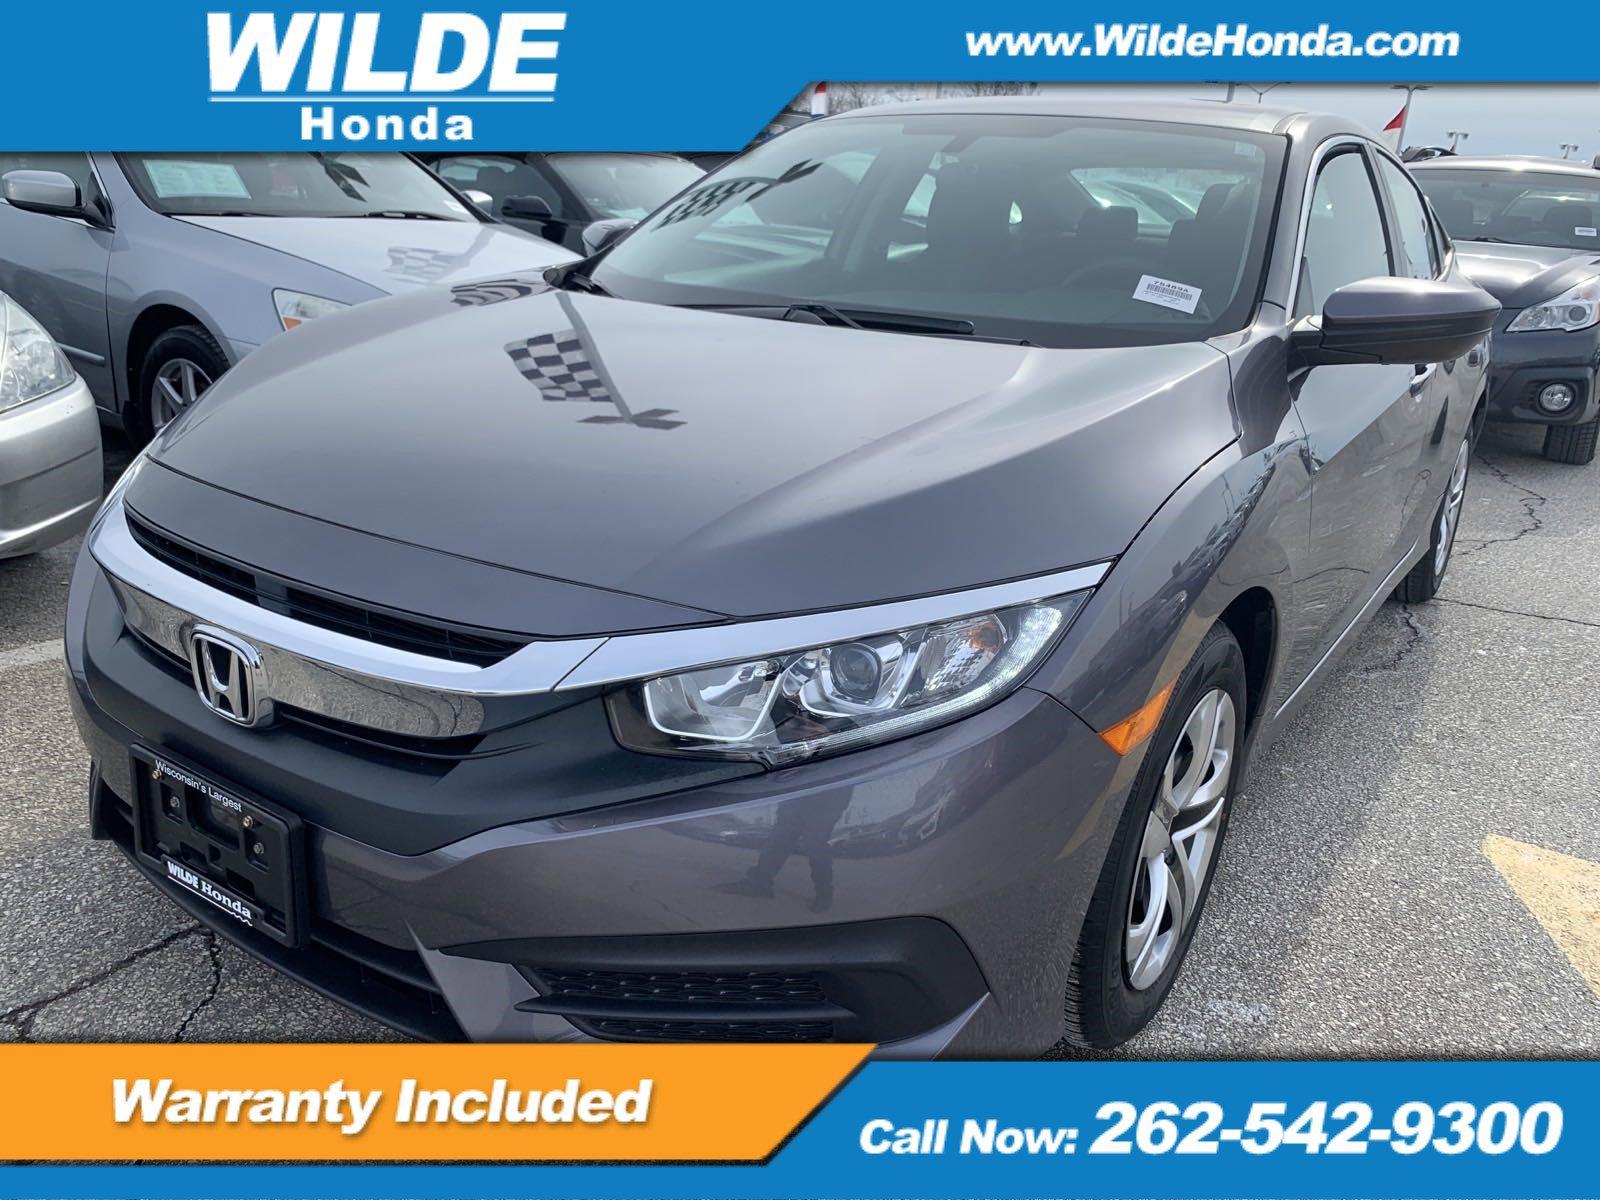 2017 Honda Civic LX Sedan image